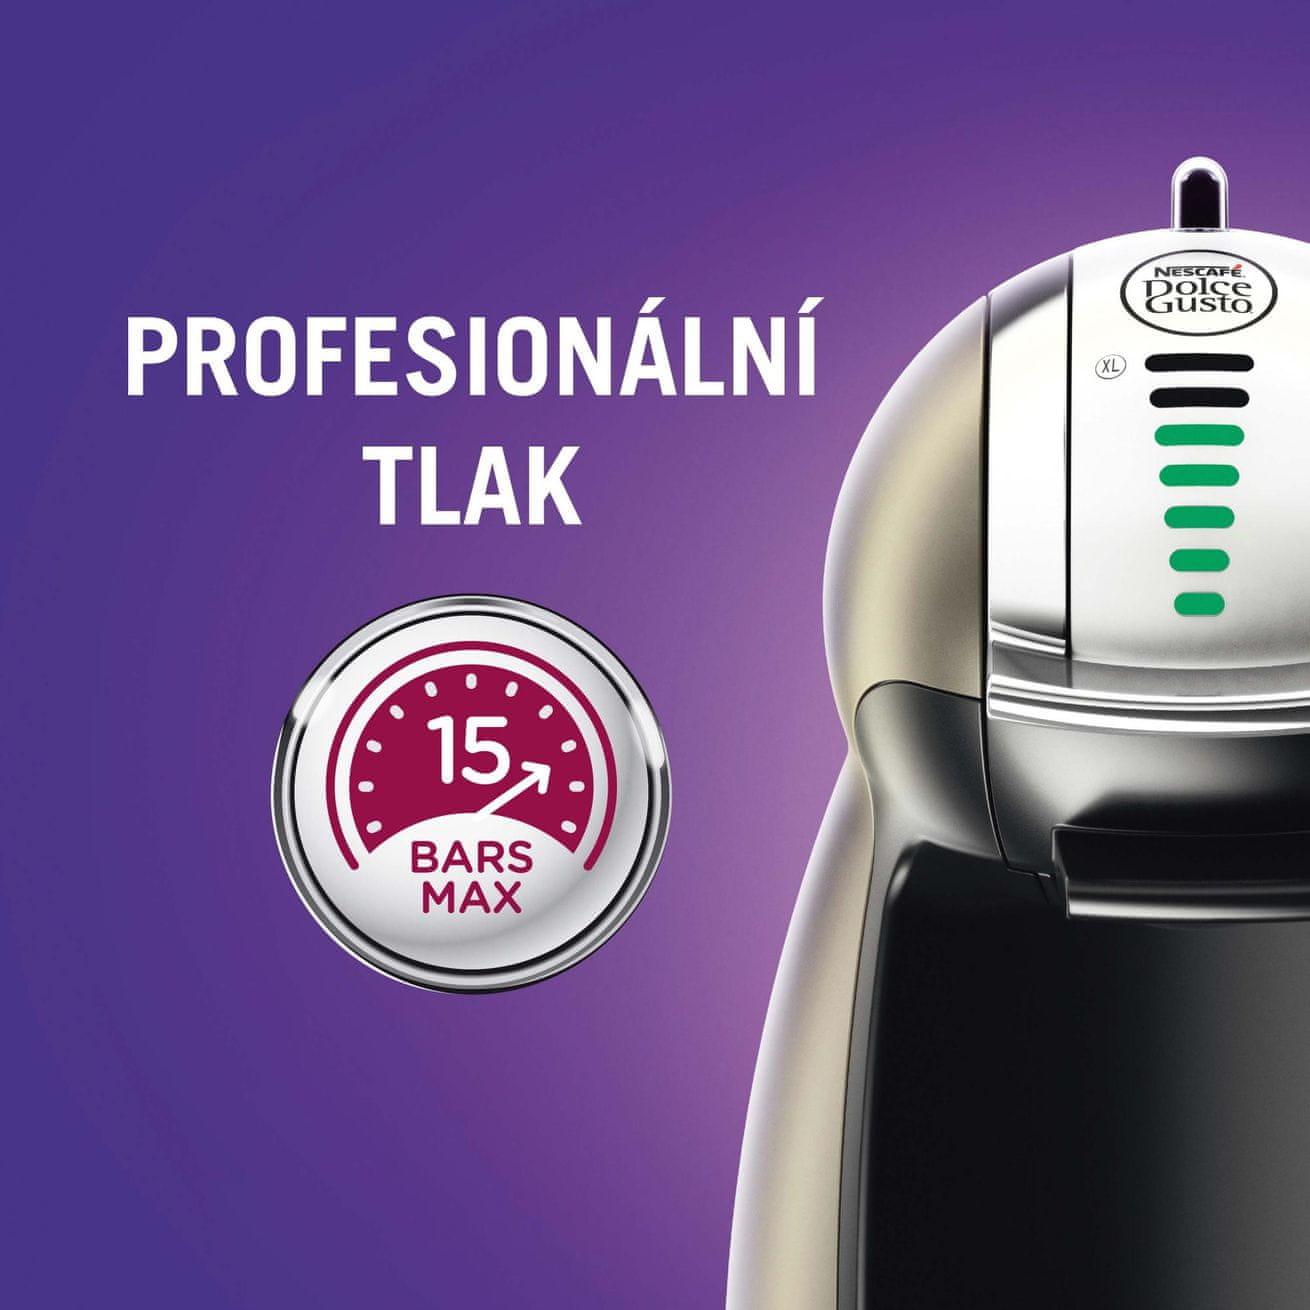 Kávovary Dolce Gusto profesionální tlak